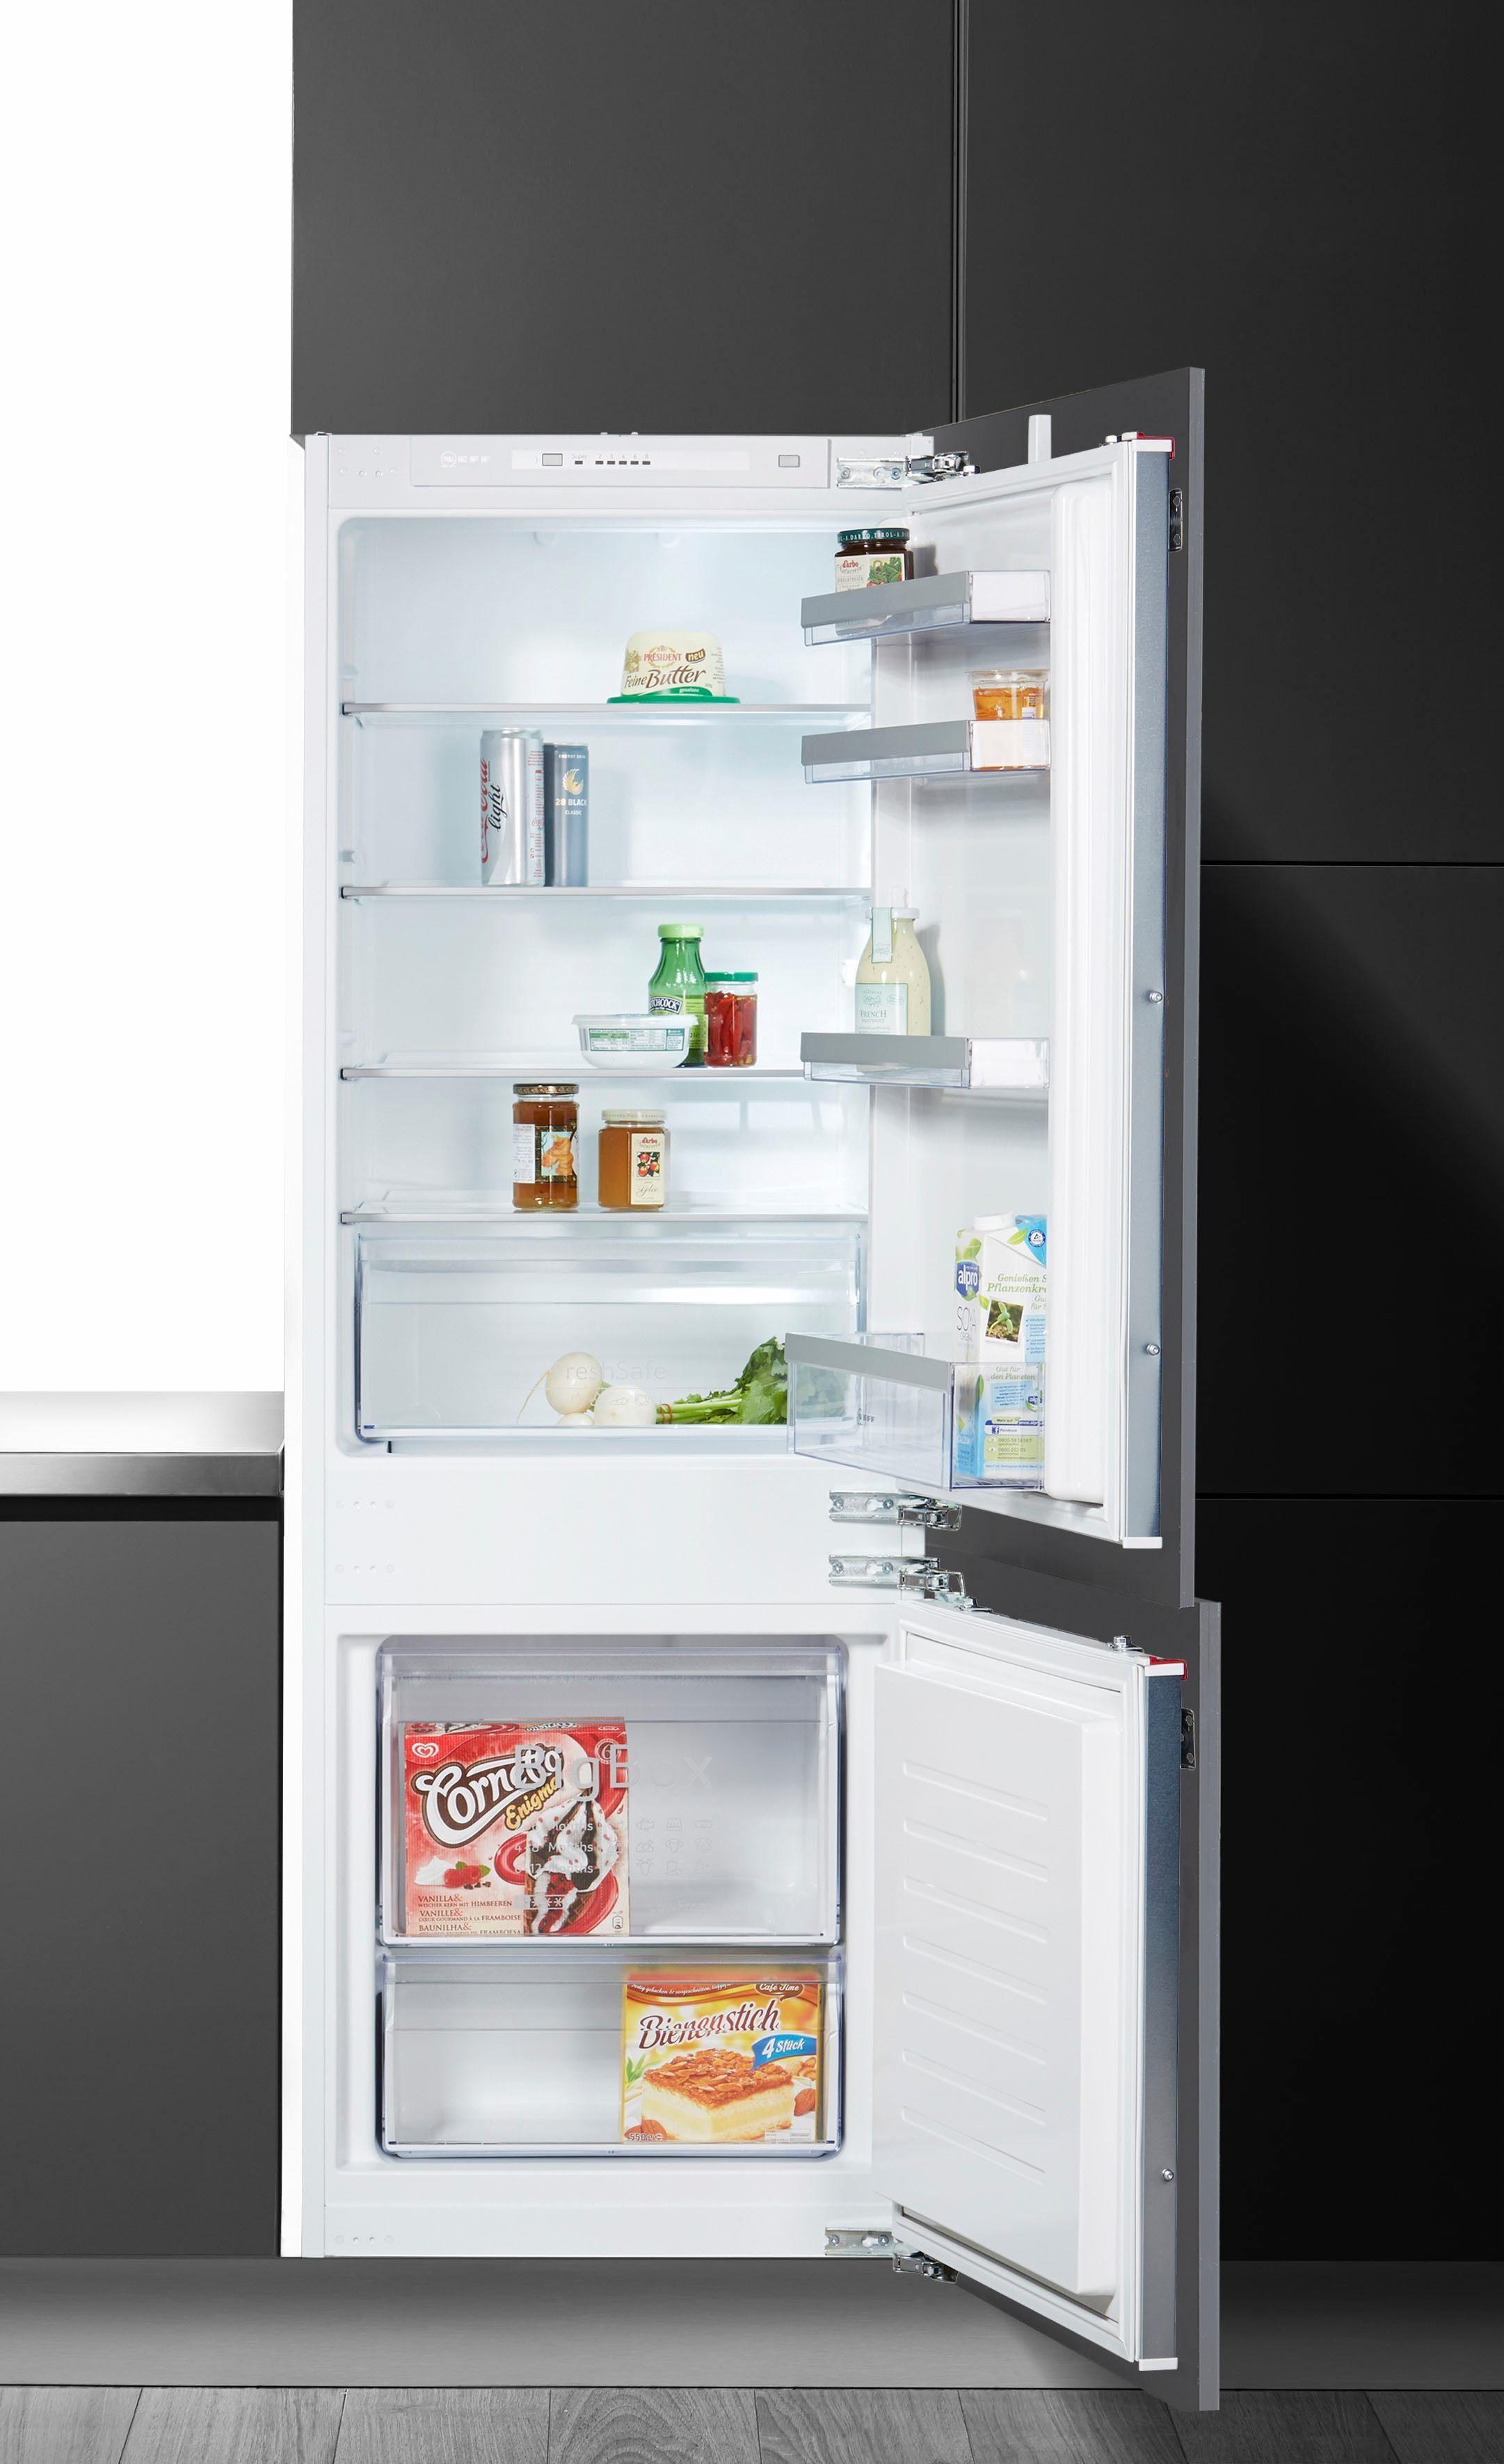 NEFF Einbaukühlschrank KG615A2 / KI5772F30, 157,8 cm hoch, 54,5 cm breit, Energieeffizienzklasse: A++, 157,8 cm hoch